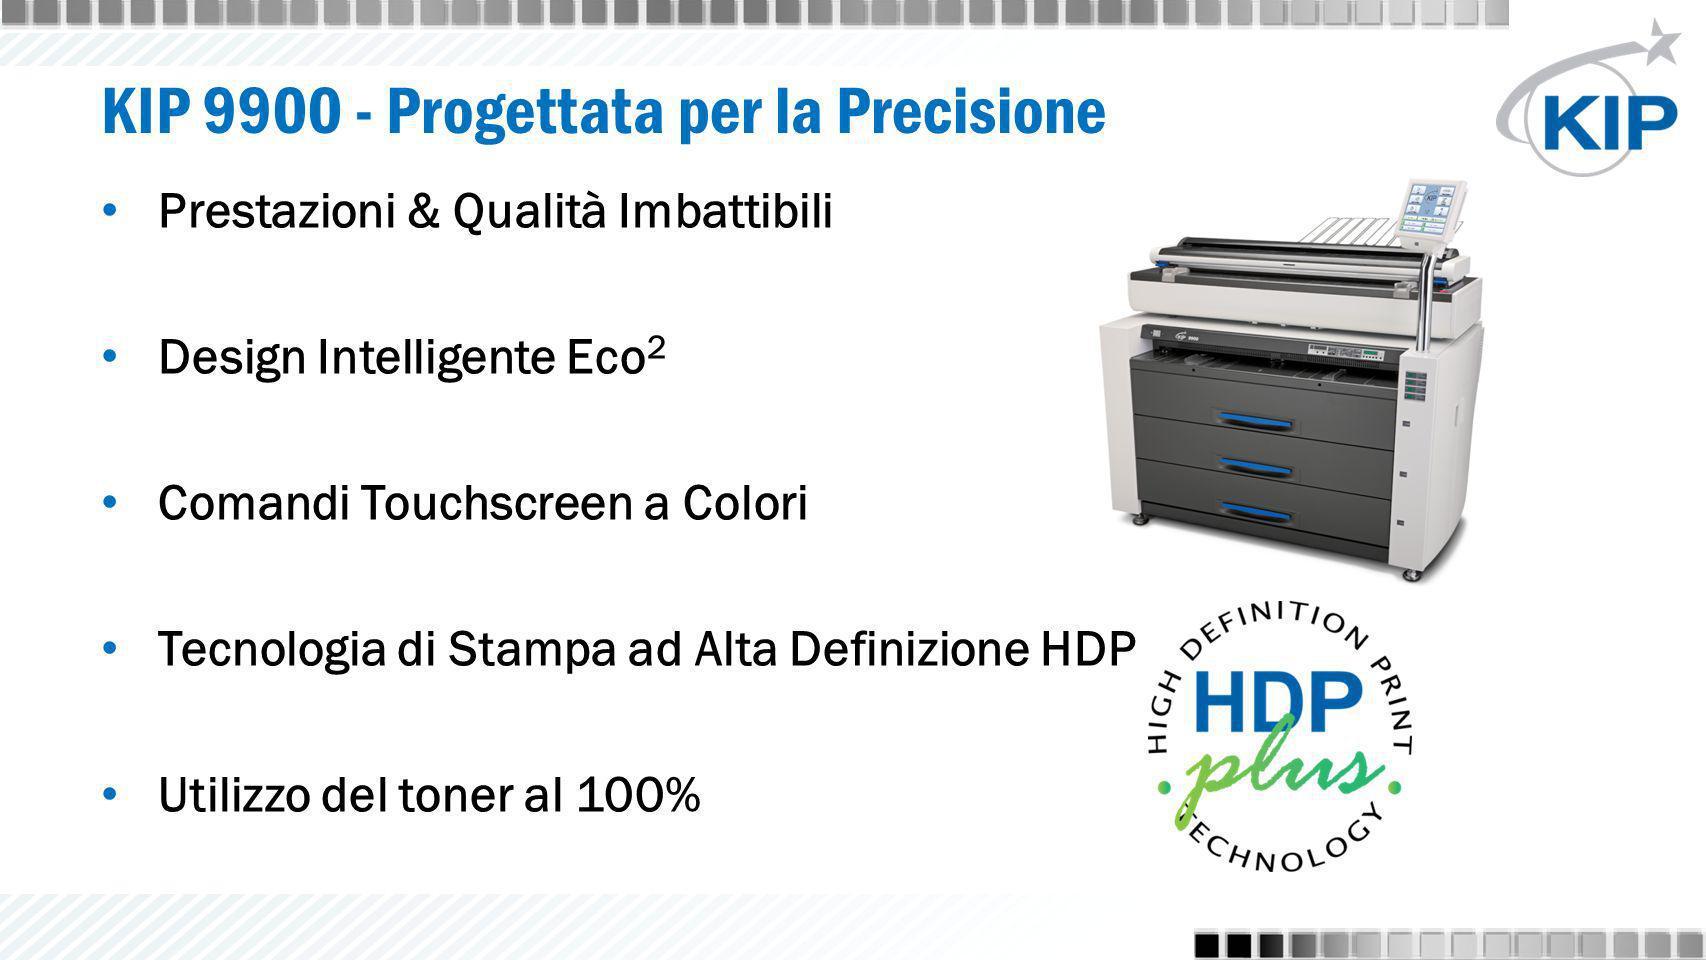 KIP 9900 - Progettata per la Precisione Prestazioni & Qualità Imbattibili Design Intelligente Eco 2 Comandi Touchscreen a Colori Tecnologia di Stampa